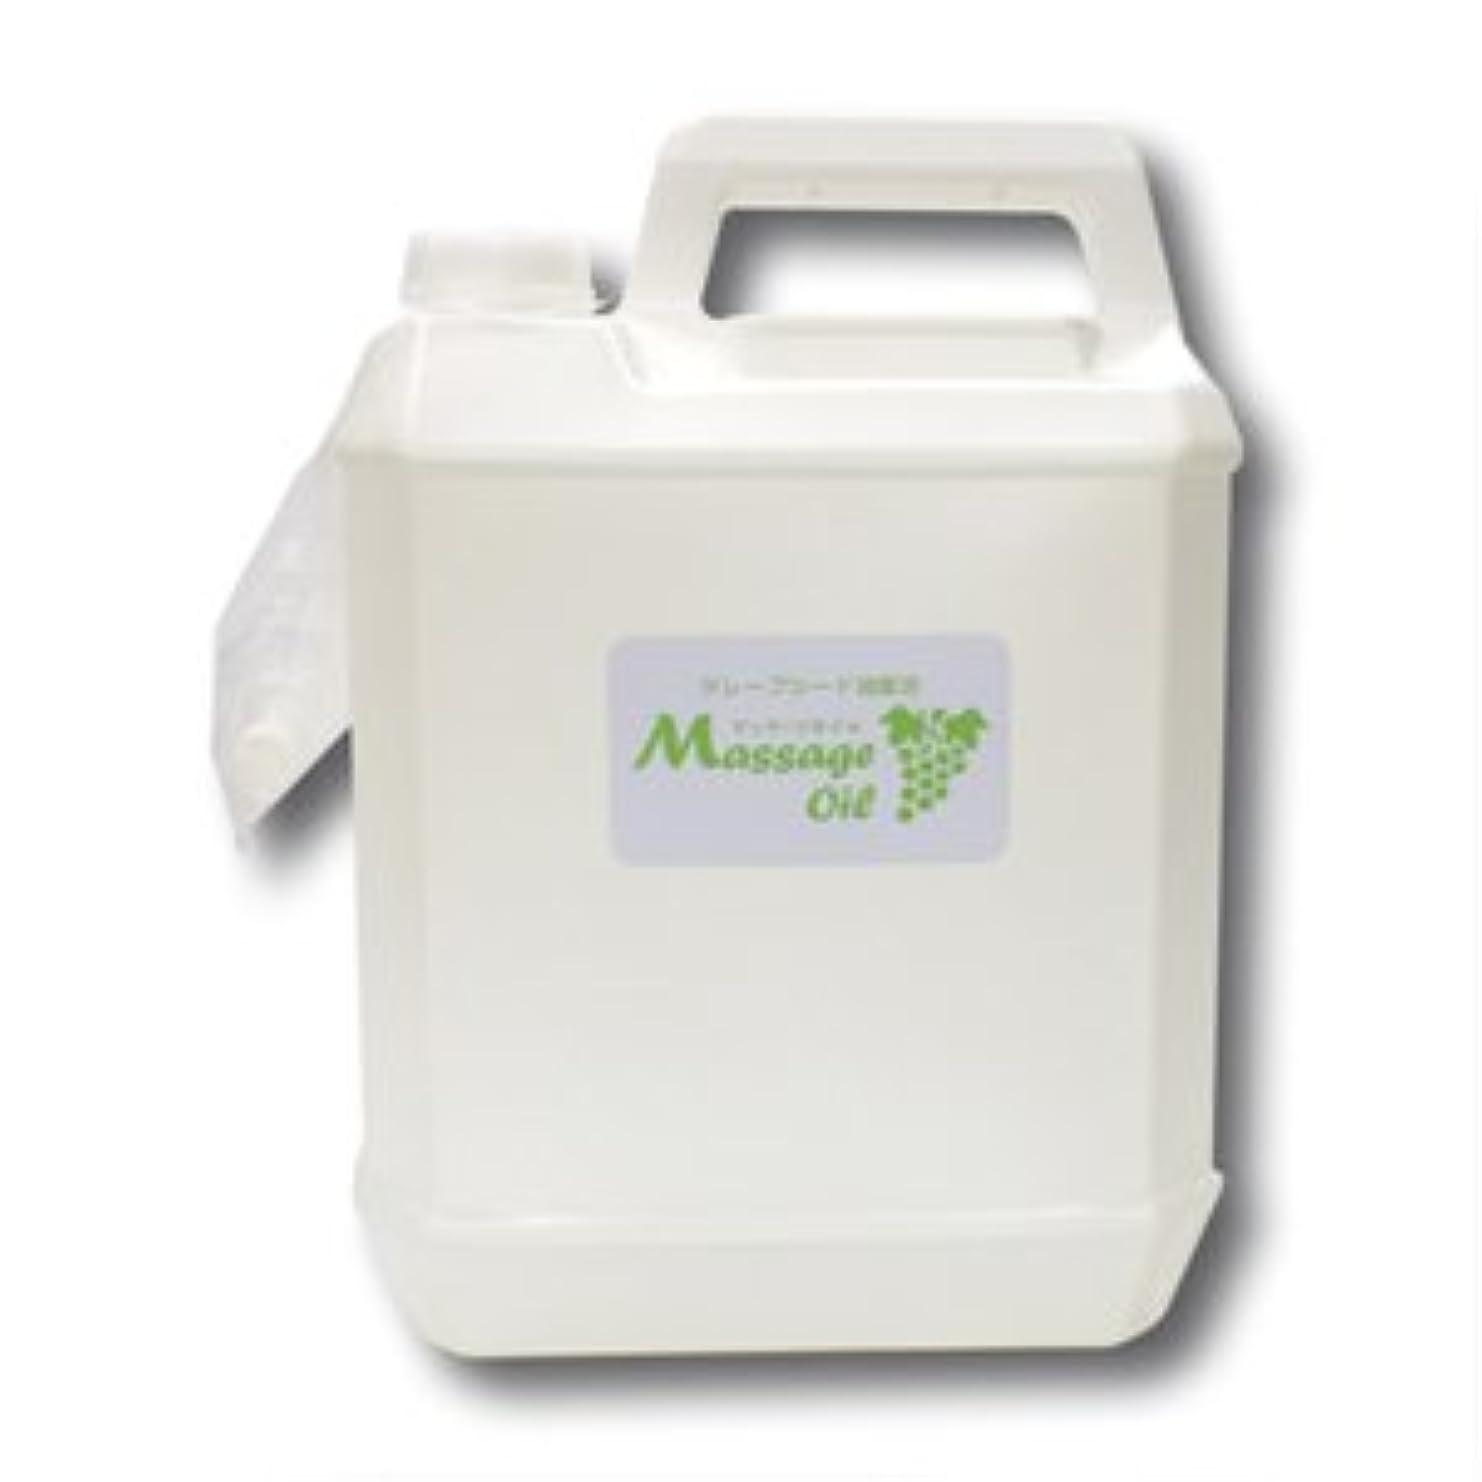 ほとんどの場合メリー膿瘍グレープシード配合マッサージオイル 5L│エステ店御用達のプロ仕様業務用マッサージオイル グレープシードオイル